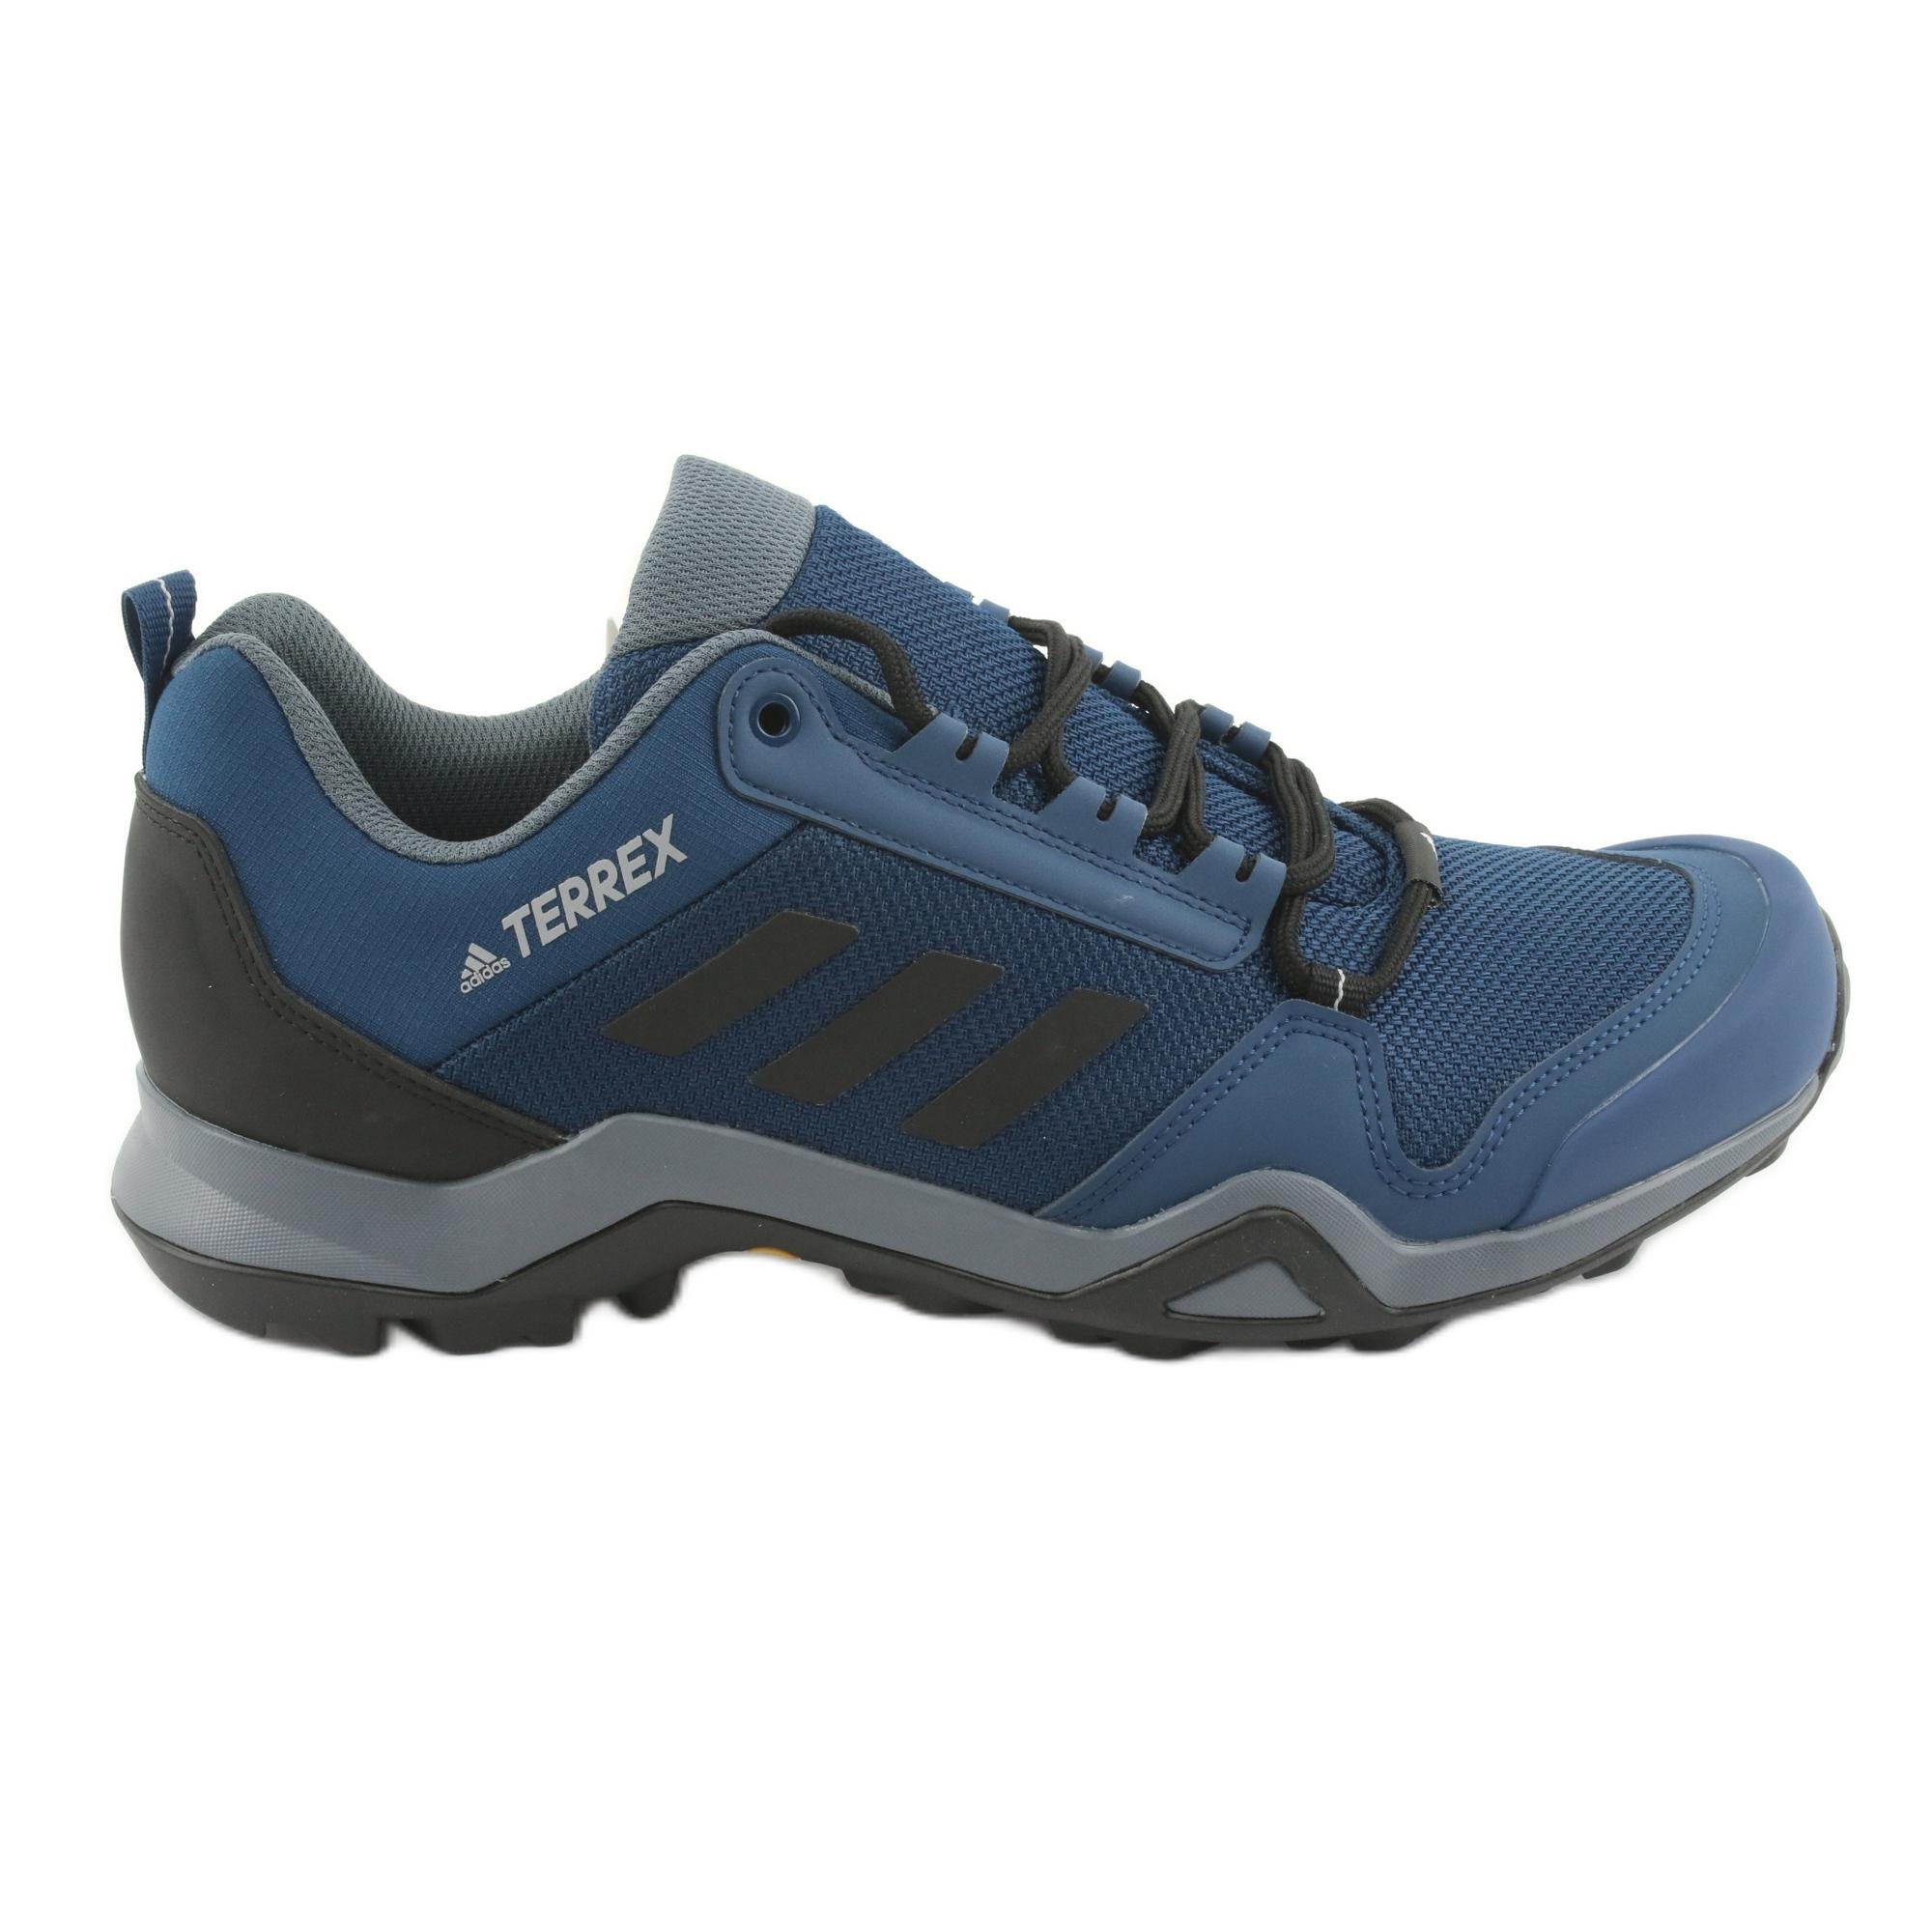 Tfkc1lj3 M Ax3 Bc0527 Adidas Trekking Terrex Chaussures Y6byf7g